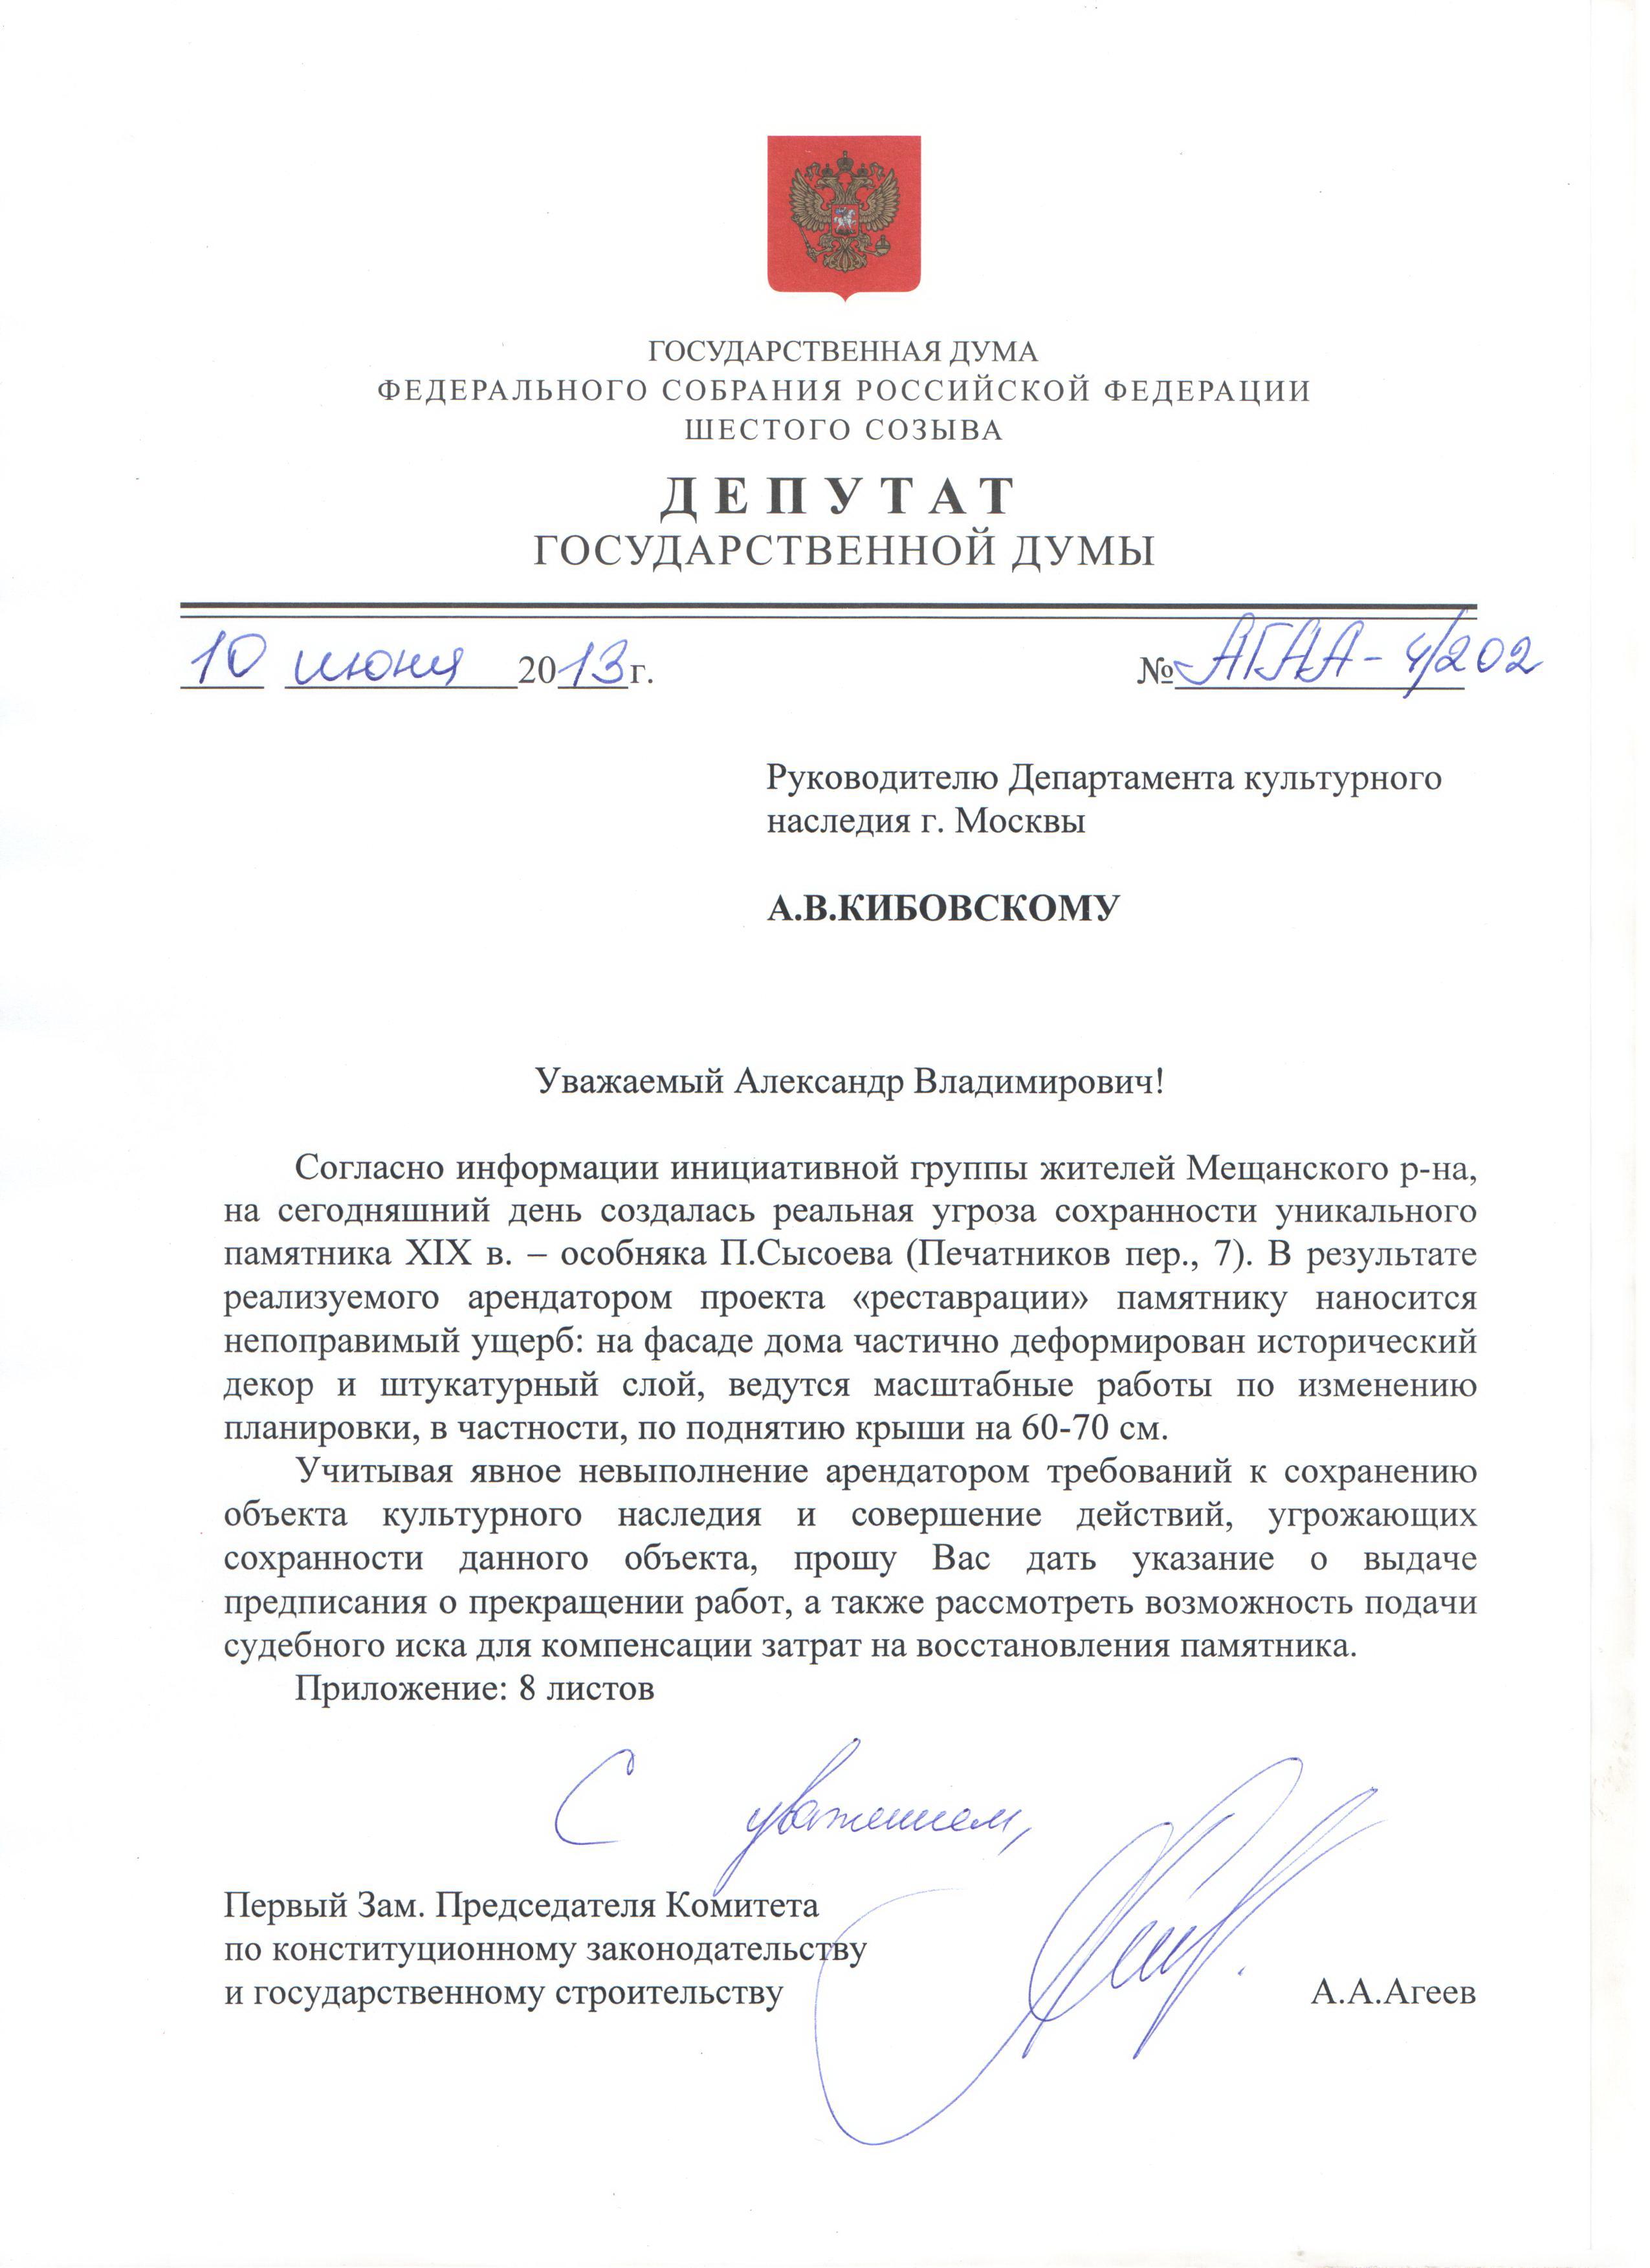 запрос Кибовский